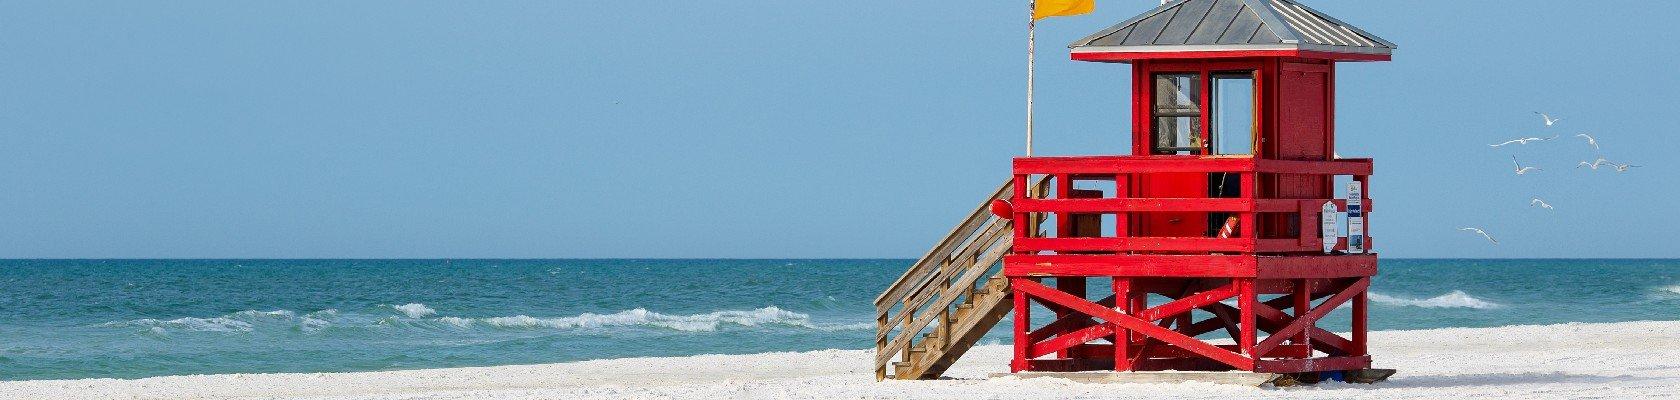 Schitterende stranden van Sarasota